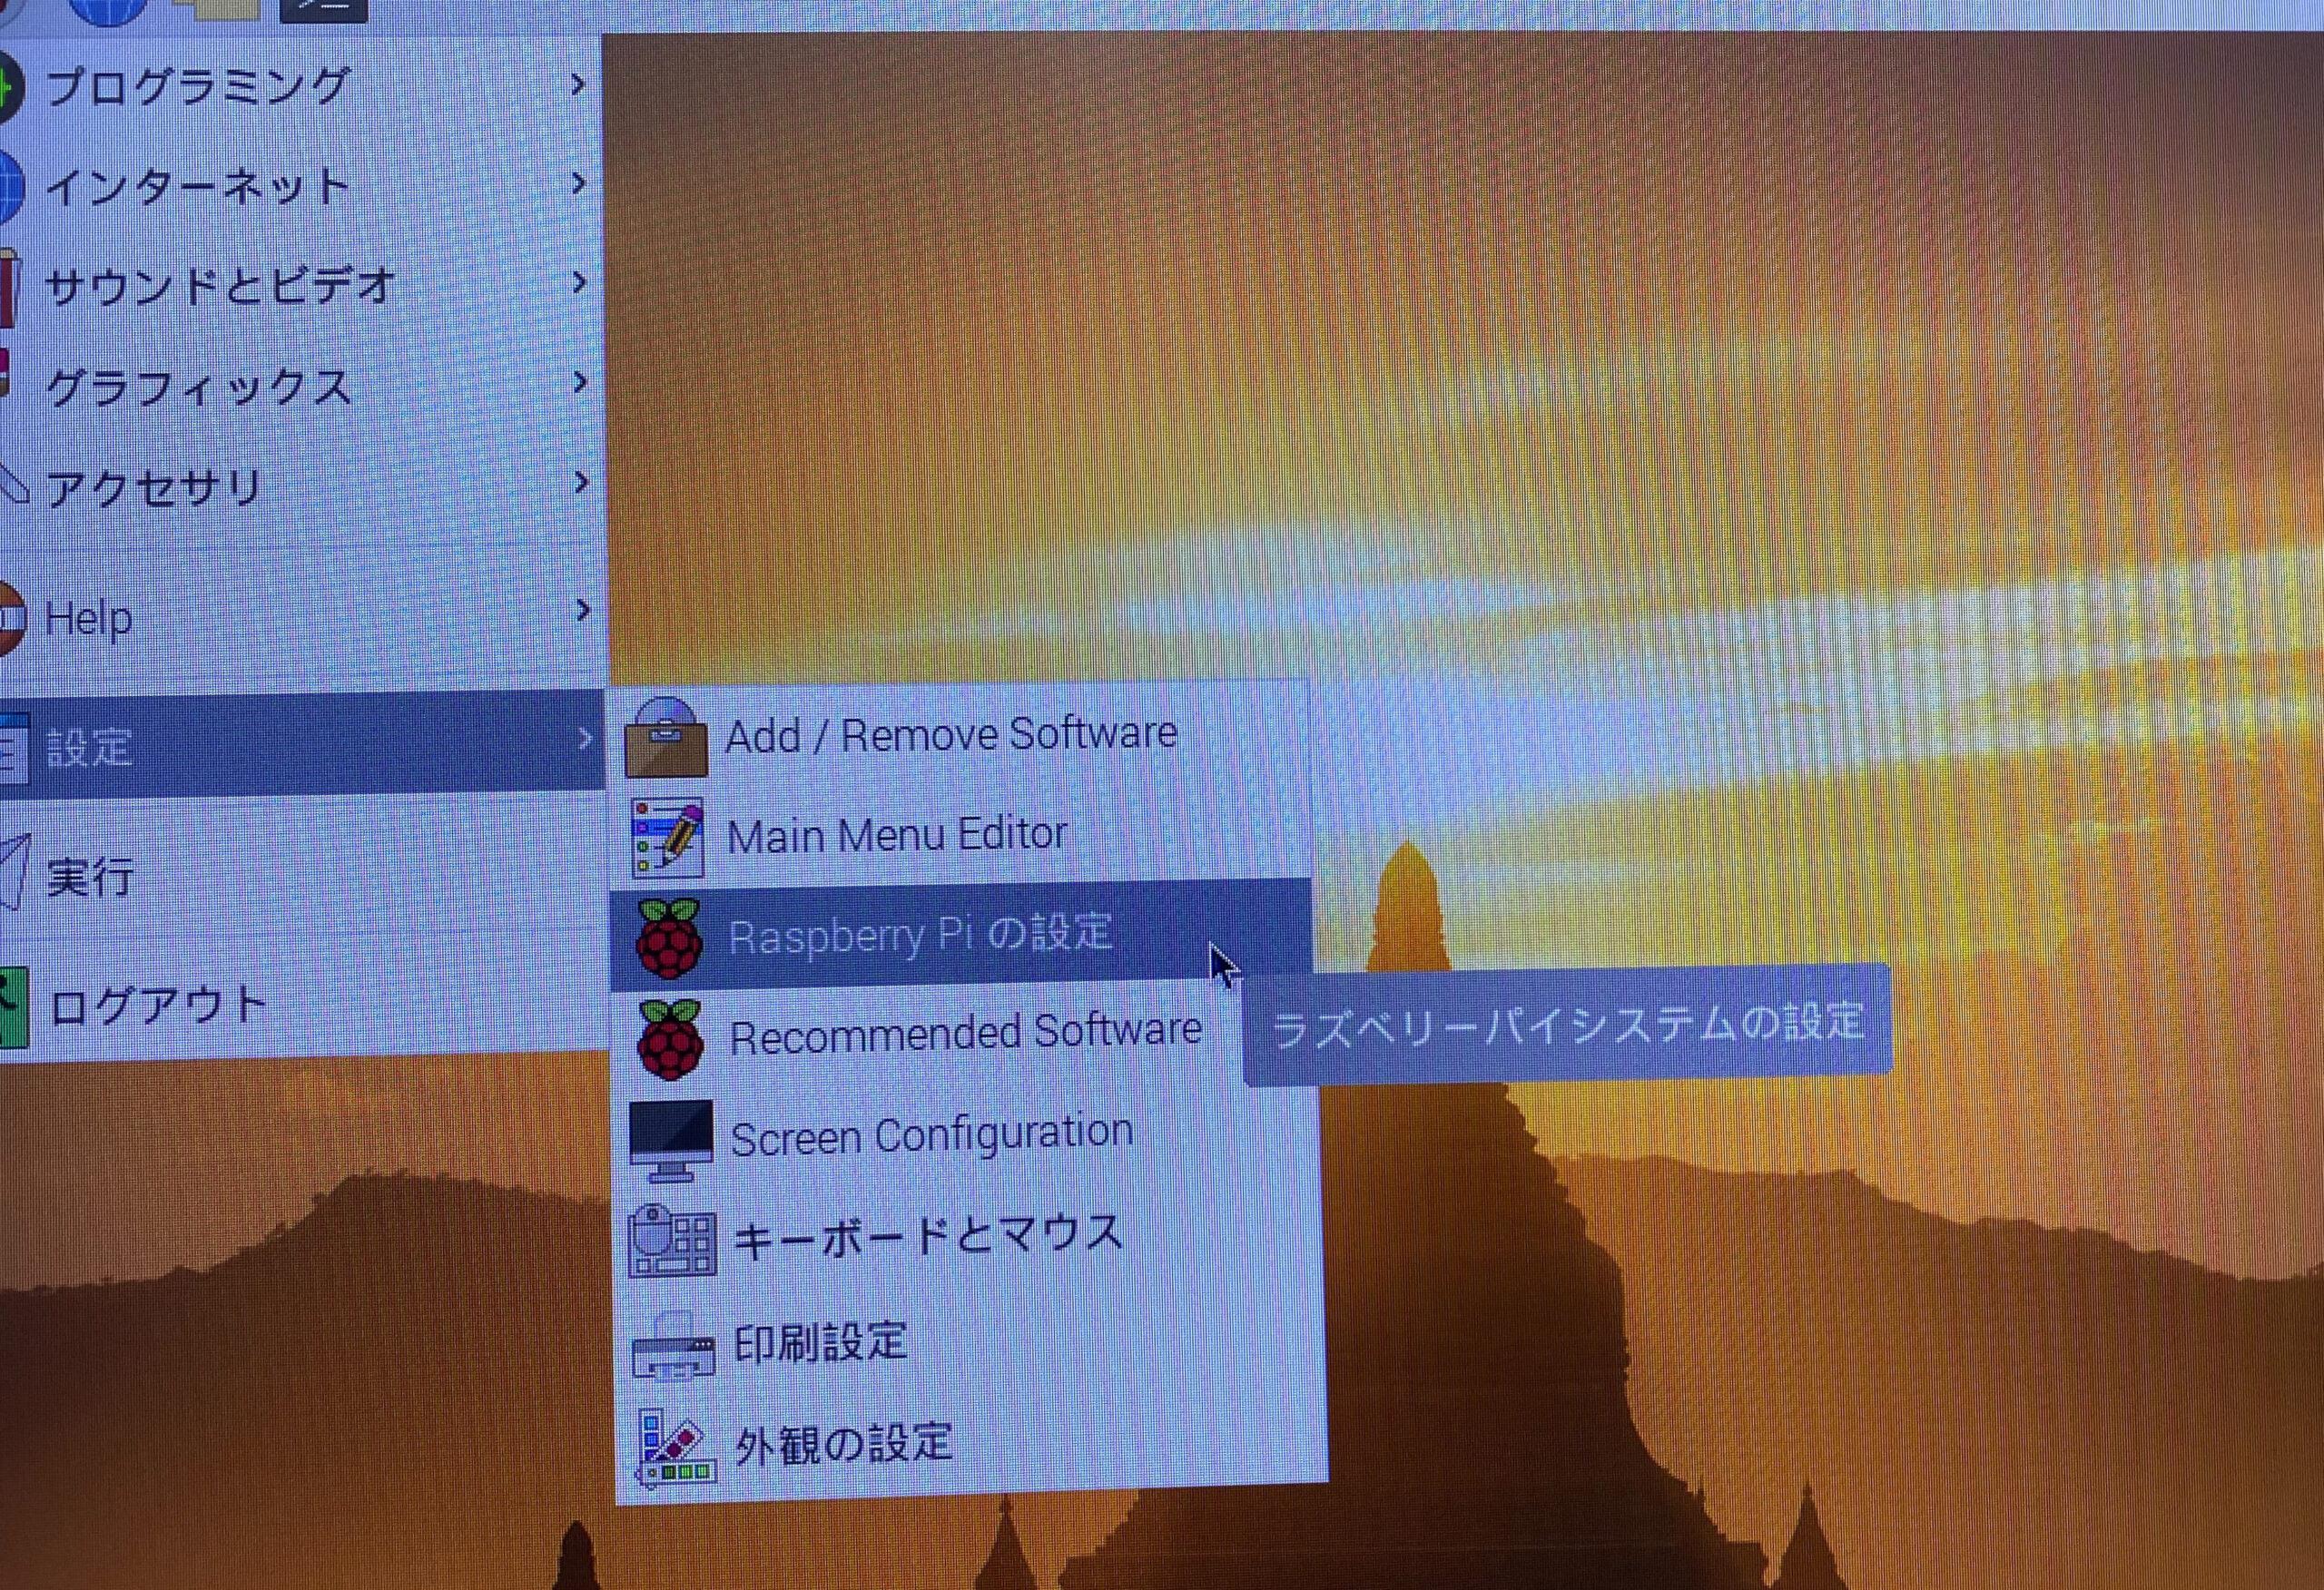 ラズパイのパスワード設定画像